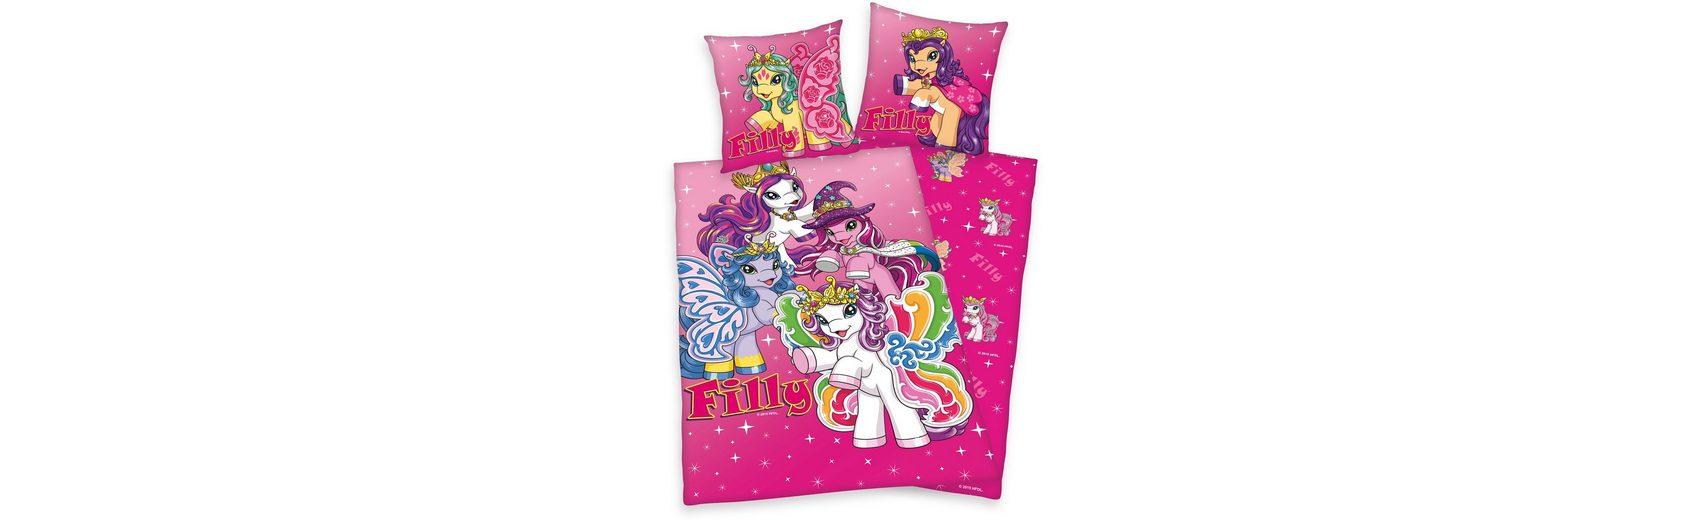 Kinderbettwäsche, Filly Princess, farbenfrohes Design